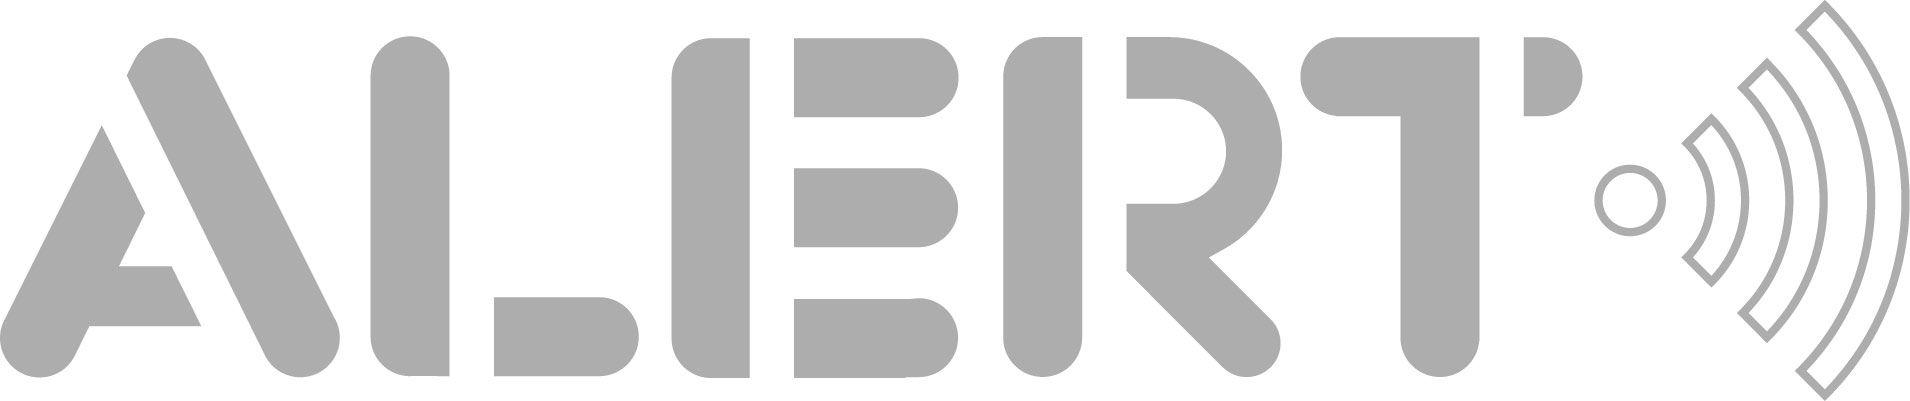 Larmbolaget Alert Alarms logotyp